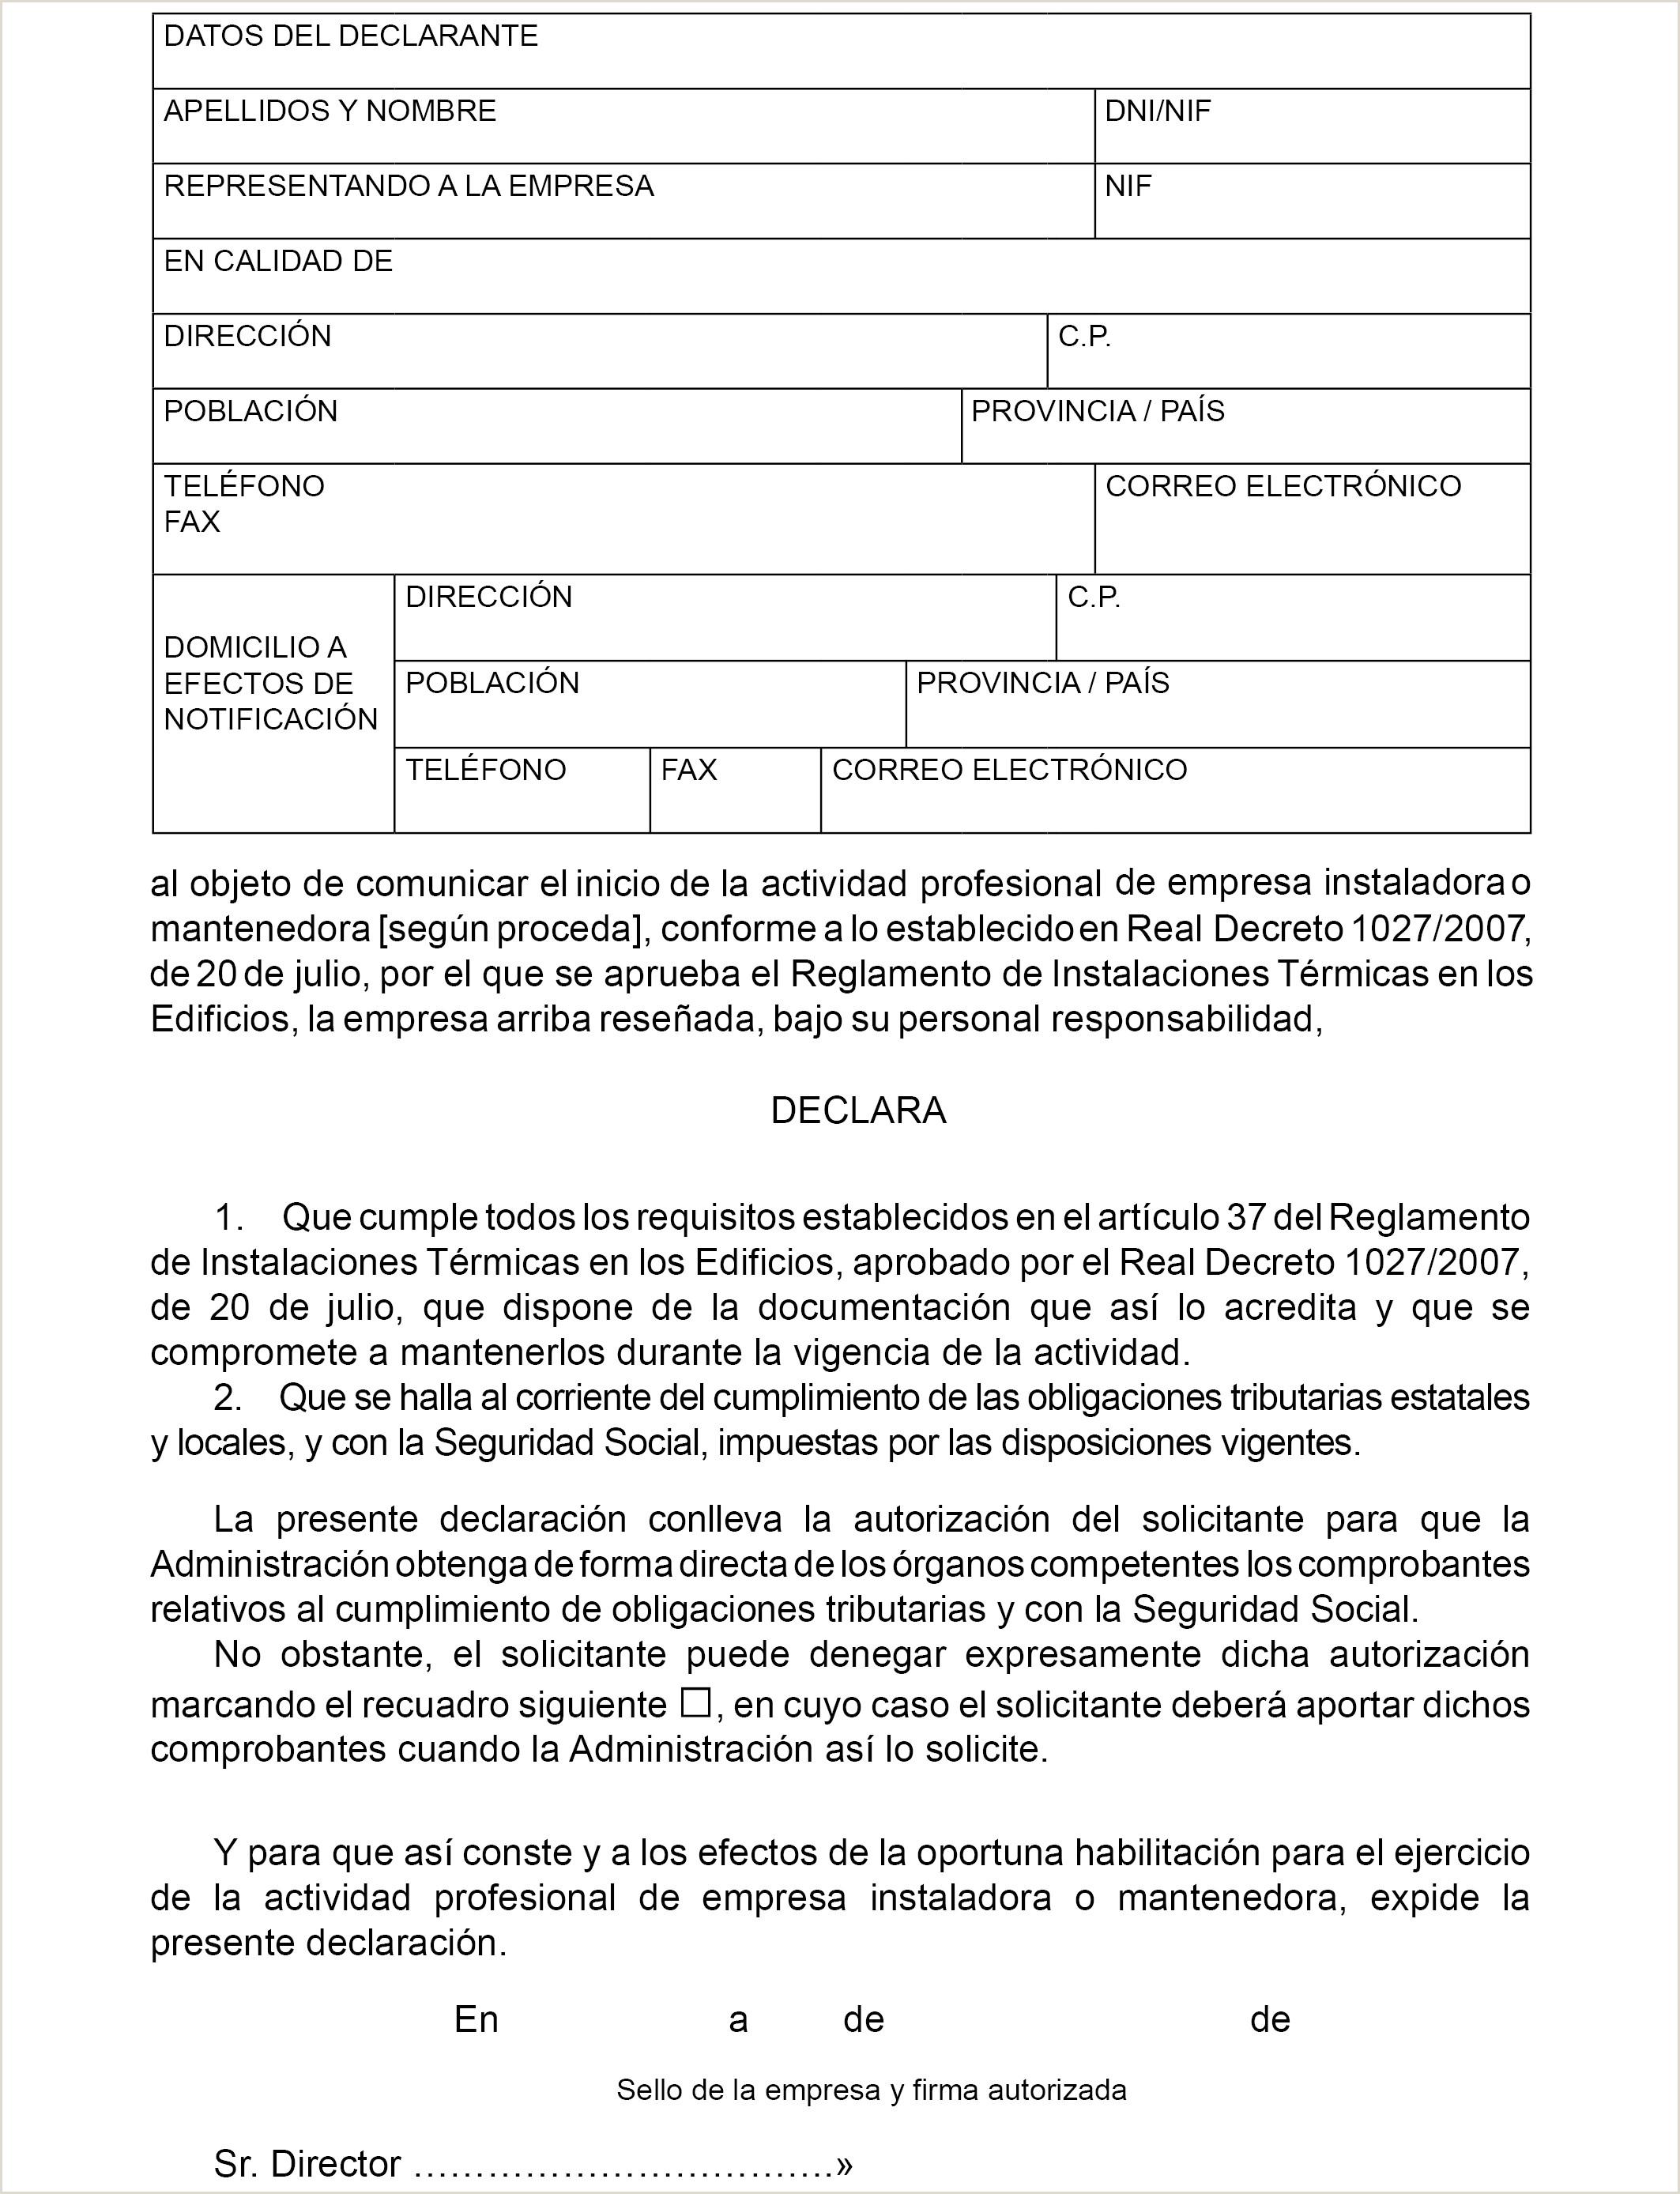 Formato Hoja De Vida Funcionario Publico Boe Documento Consolidado Boe A 2007